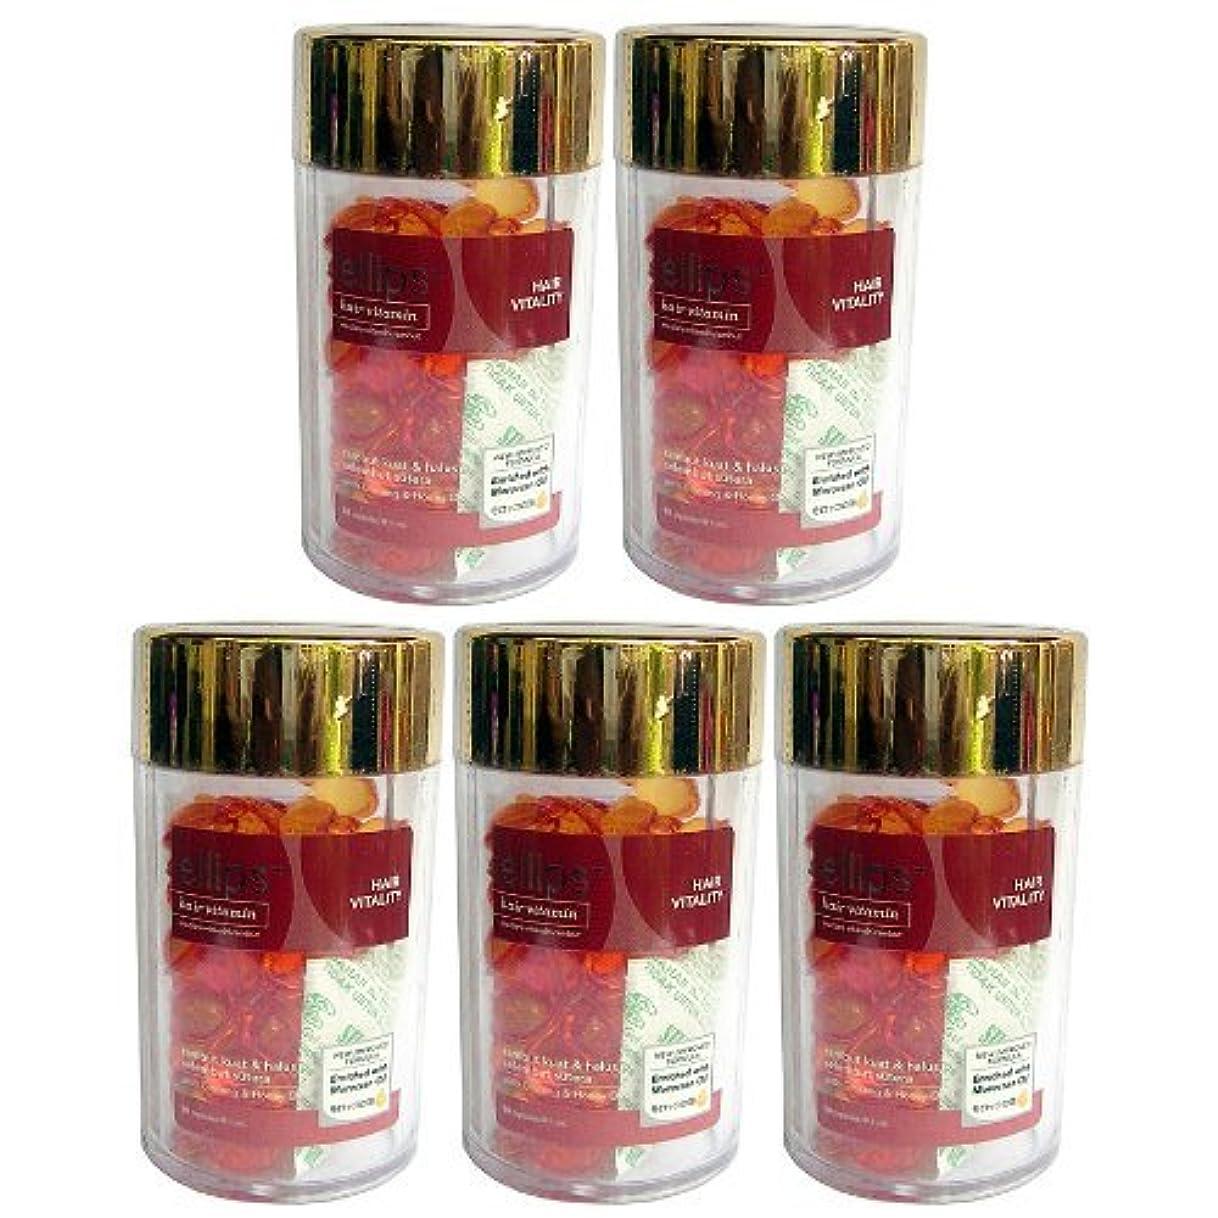 発行アナウンサー正当なエリップスellipsヘアビタミン洗い流さないヘアトリートメント50粒入ボトル5本組(海外直送品)(並行輸入品) (オレンジ5本)